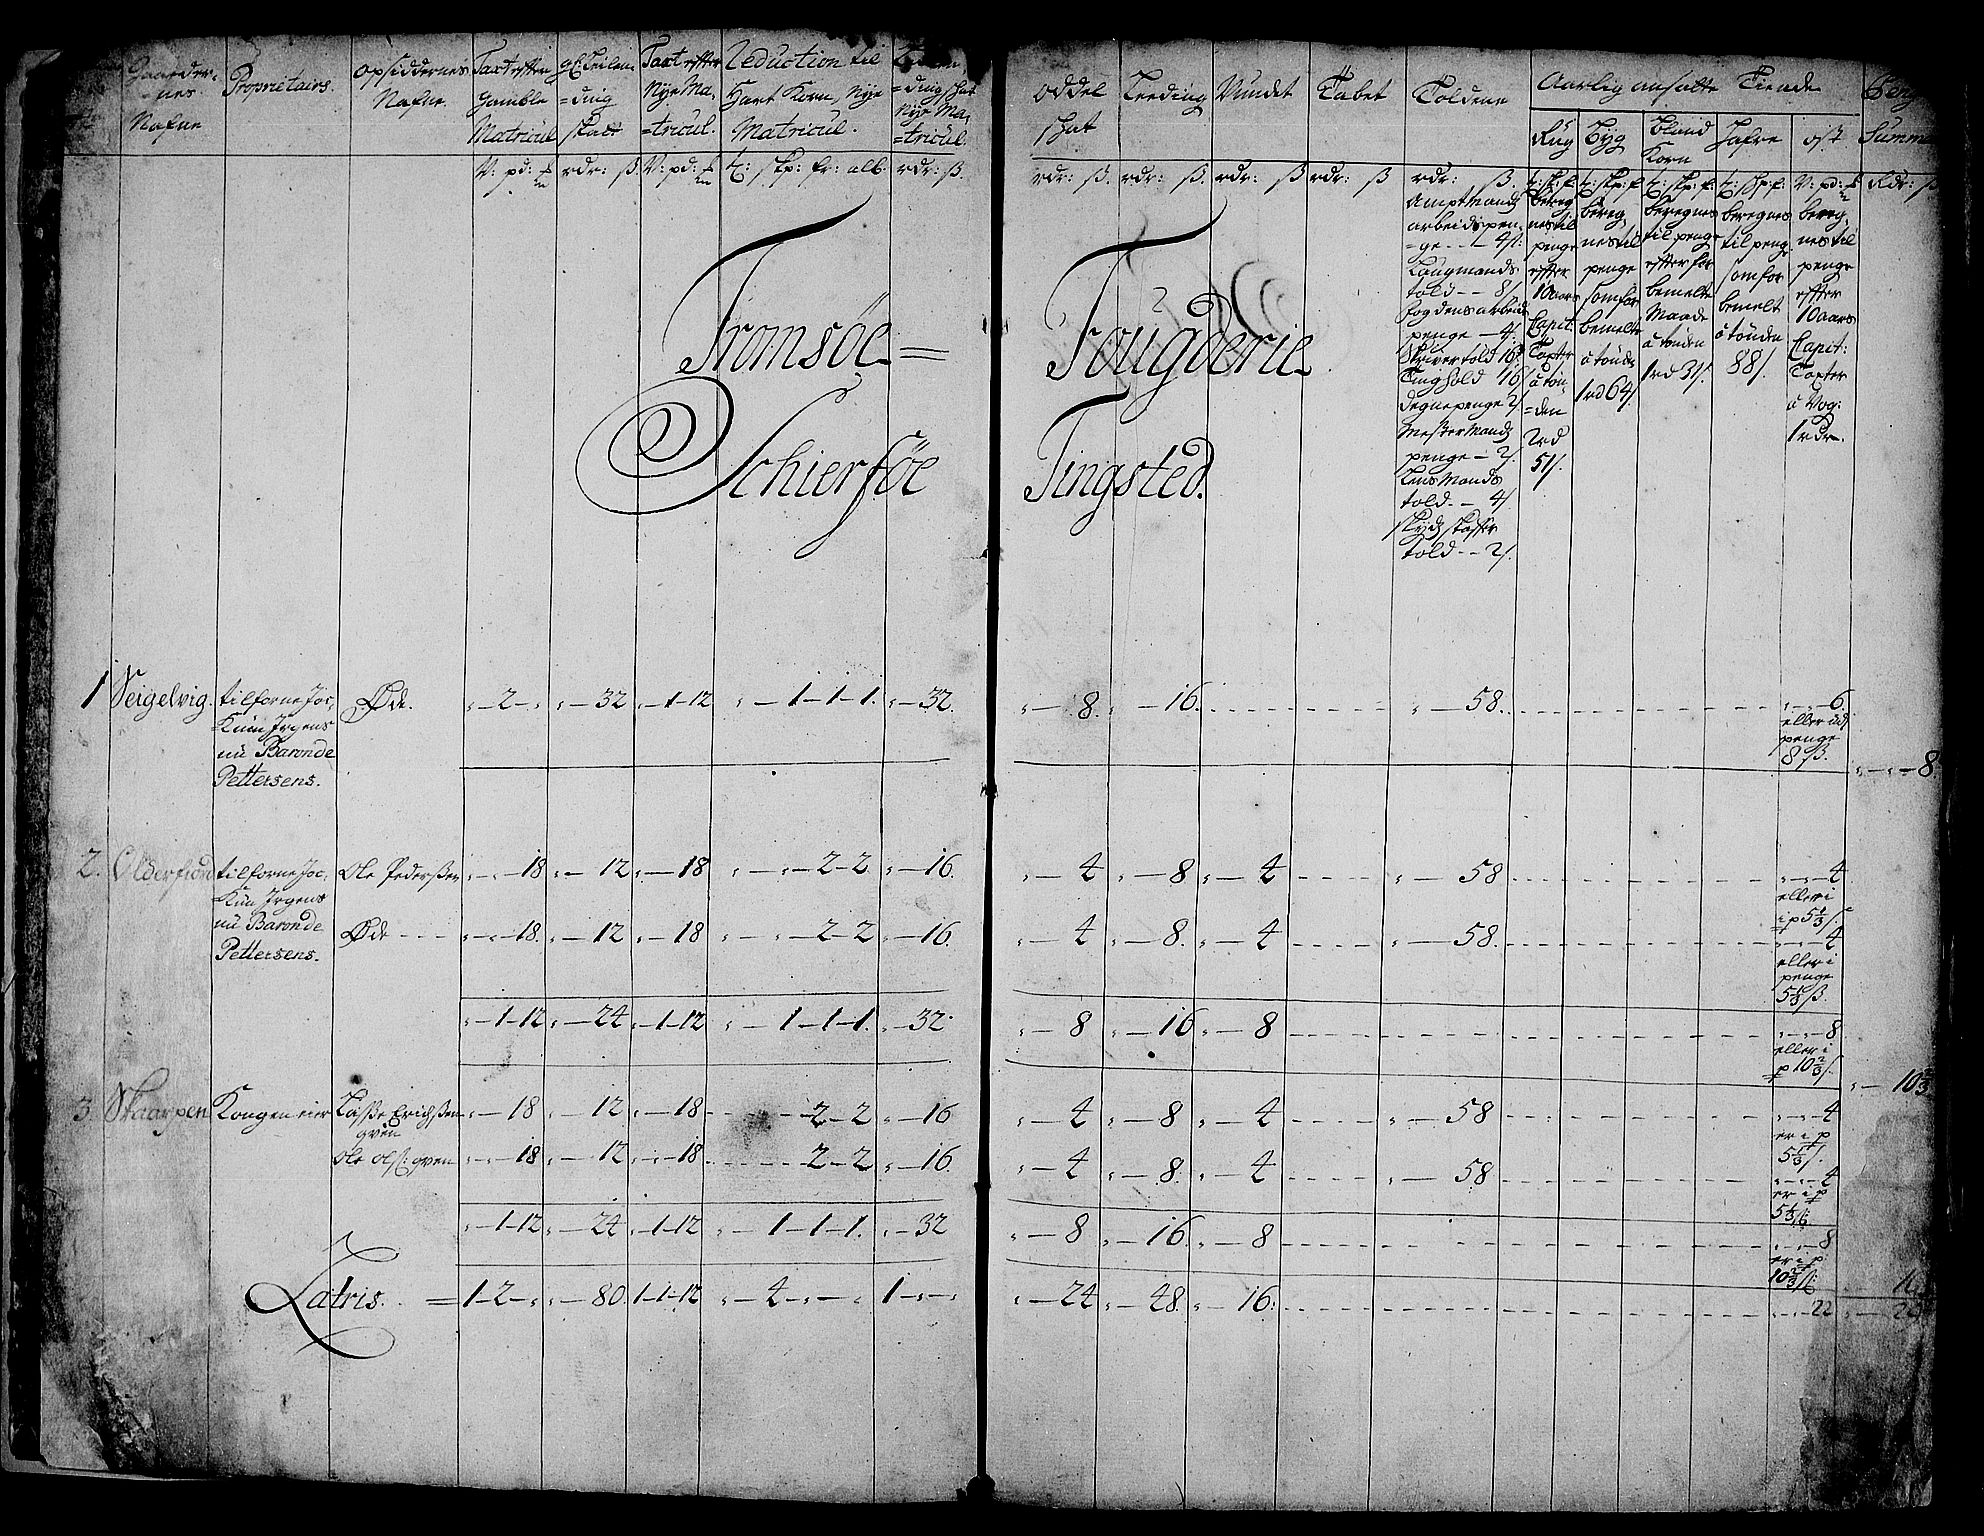 RA, Rentekammeret inntil 1814, Realistisk ordnet avdeling, N/Nb/Nbf/L0181: Troms matrikkelprotokoll, 1723, s. 1b-2a